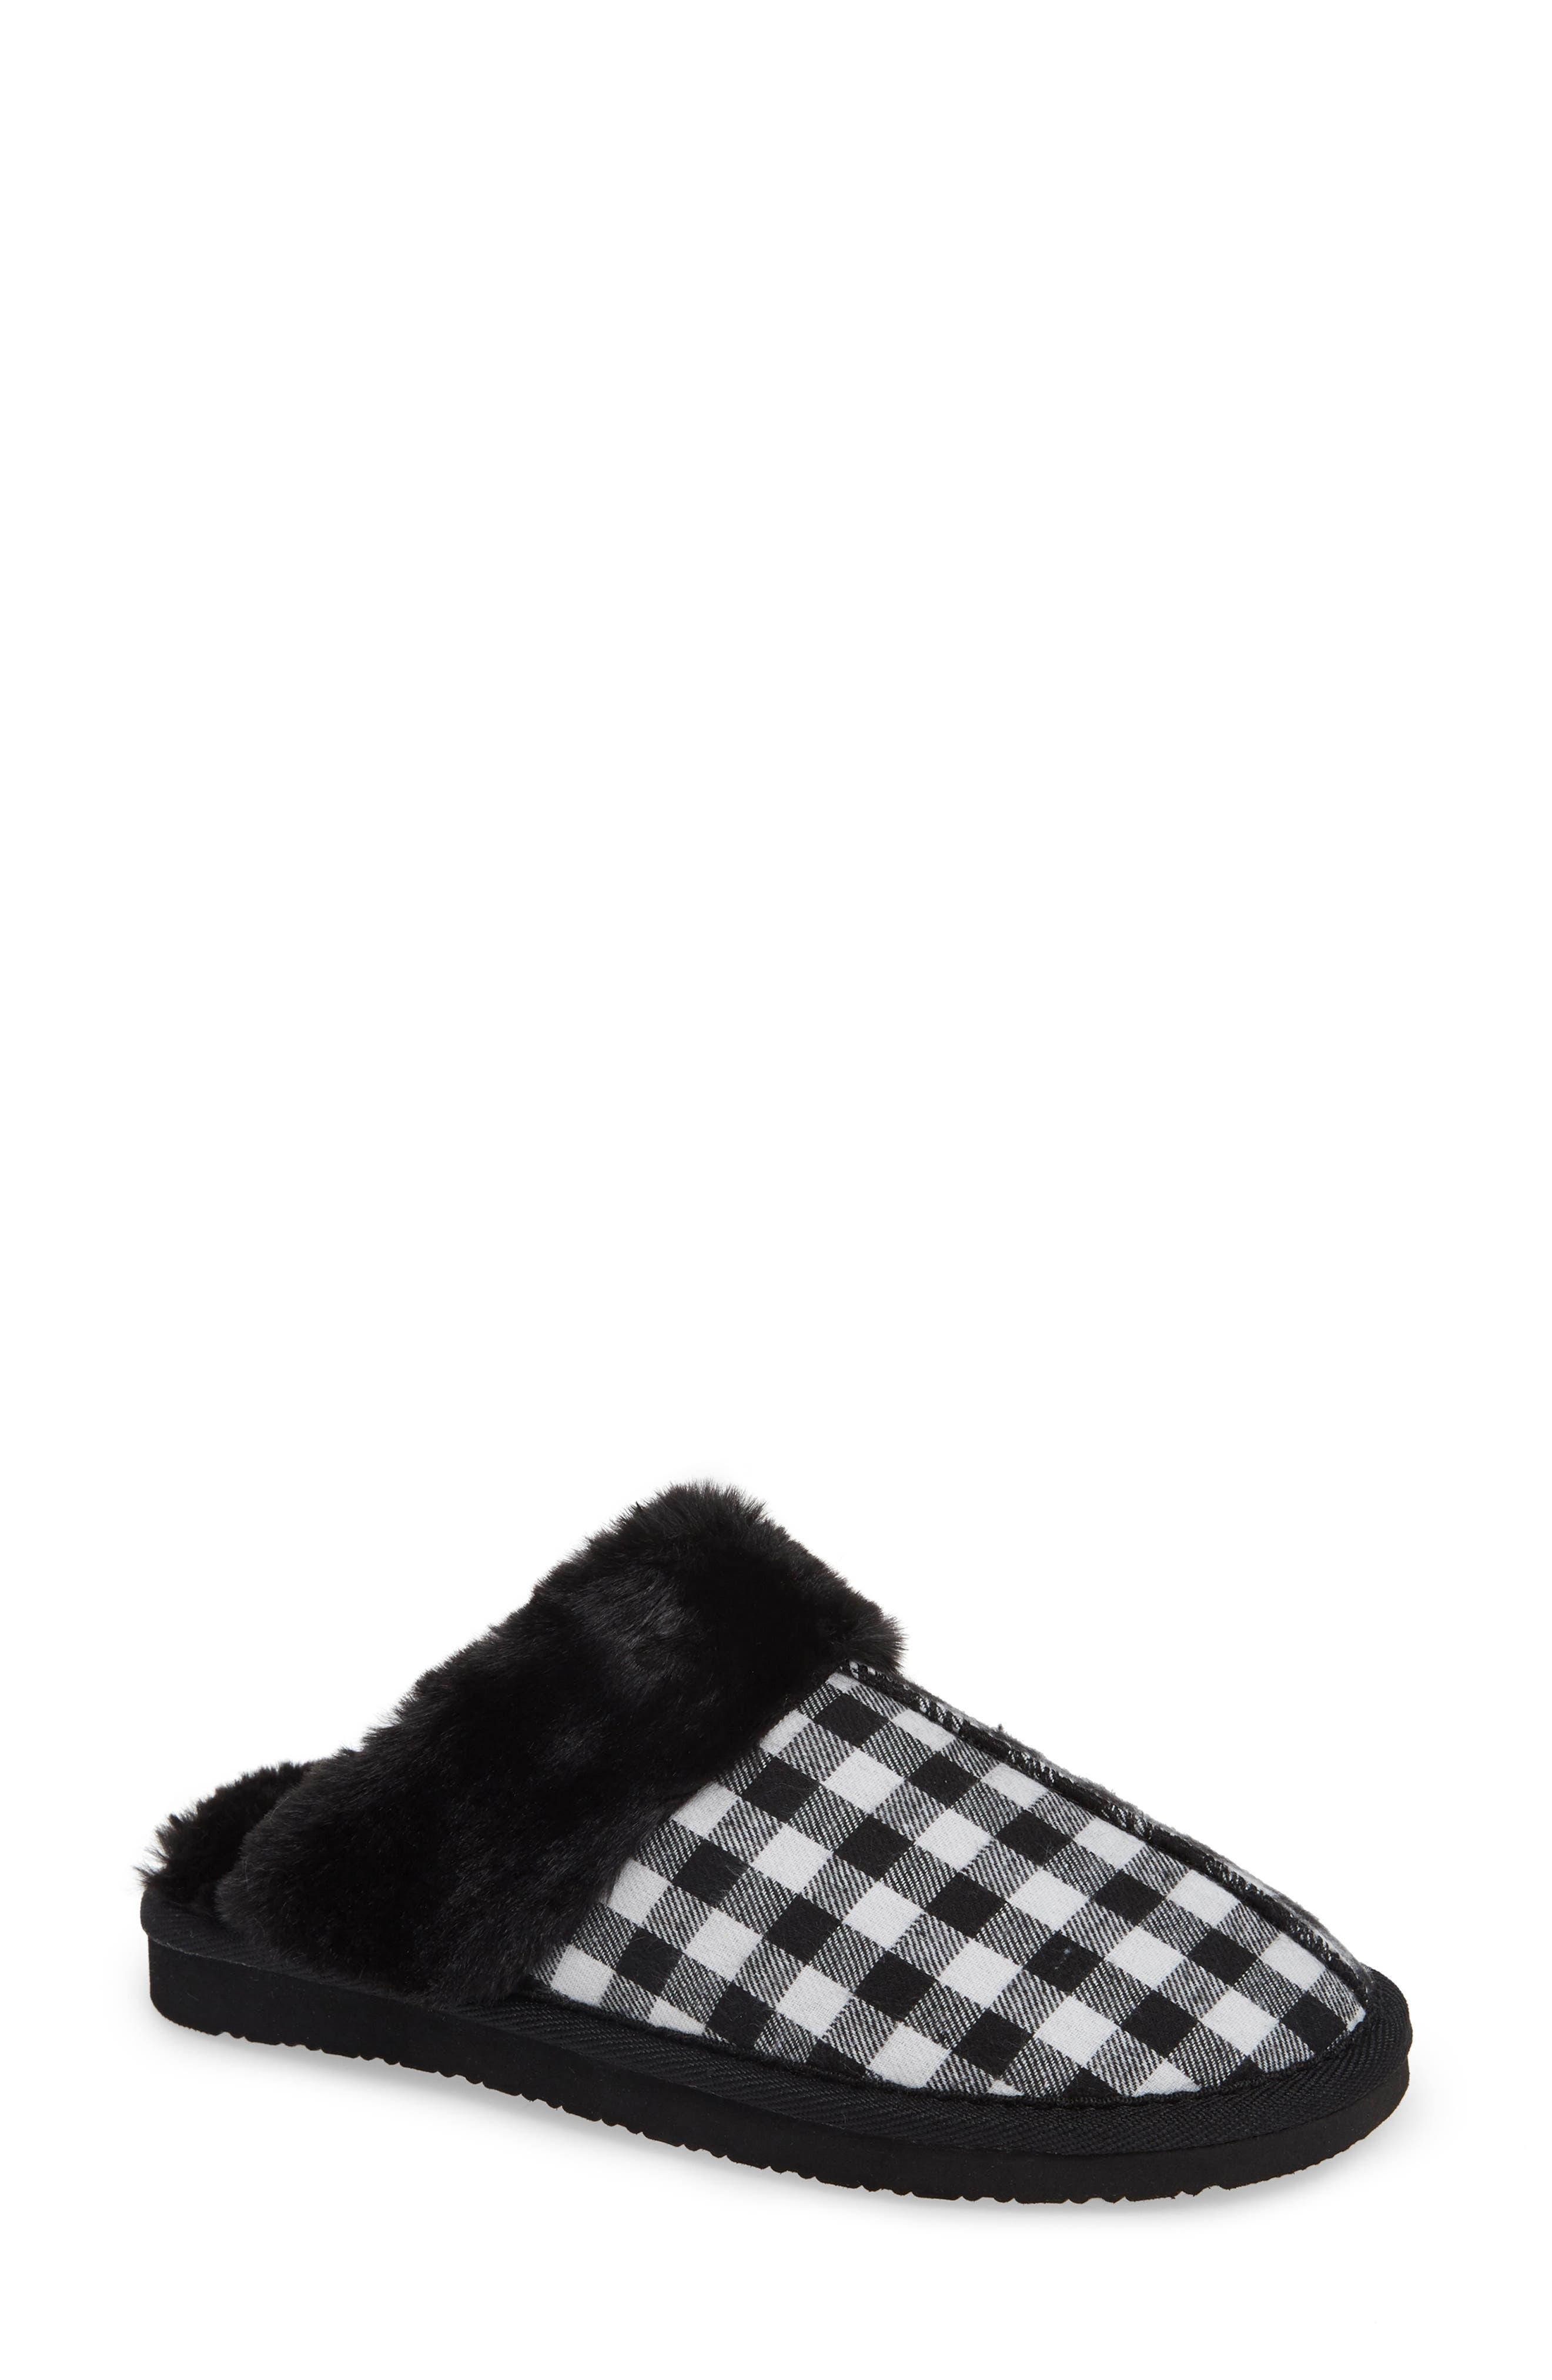 MINNETONKA, Mule Slipper, Main thumbnail 1, color, BLACK/ WHITE PLAID FABRIC